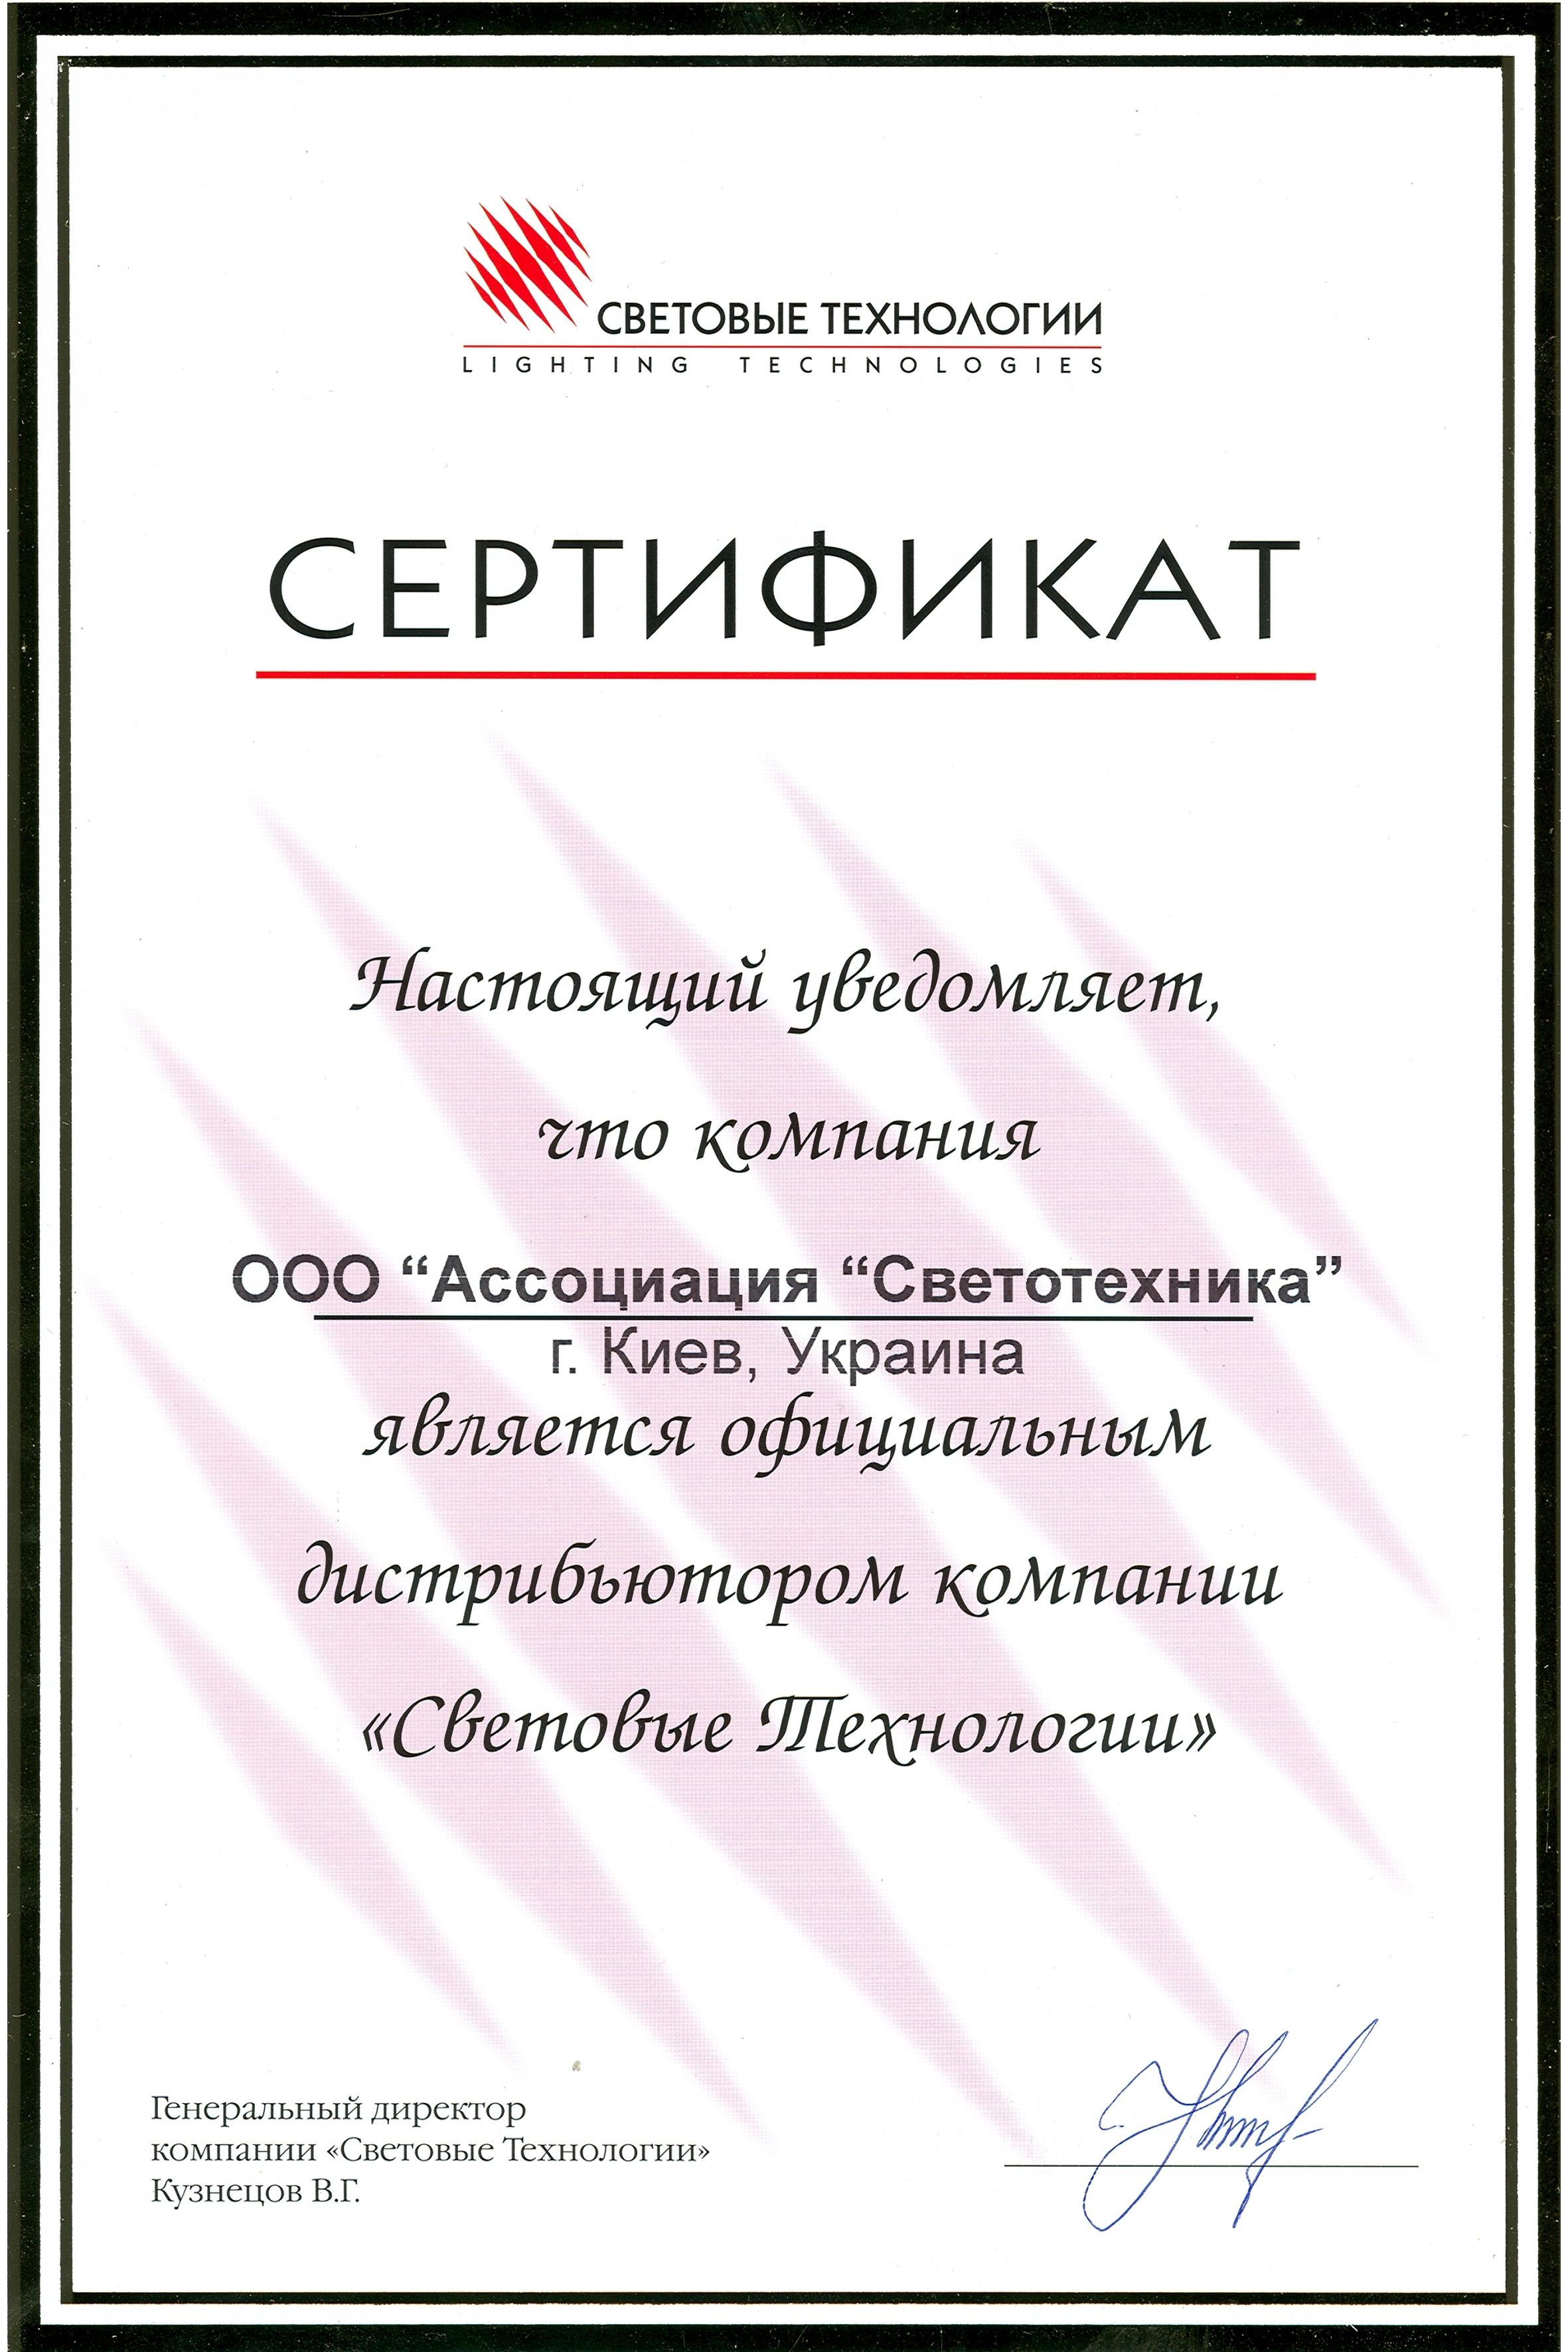 Световые Технологии (LIGHTING TECHNOLOGIES) подтверждает этим Сертификатом, что Светотехника, Киев, Украина является официальным дистрибьютором компании Световые Технологии в Украине